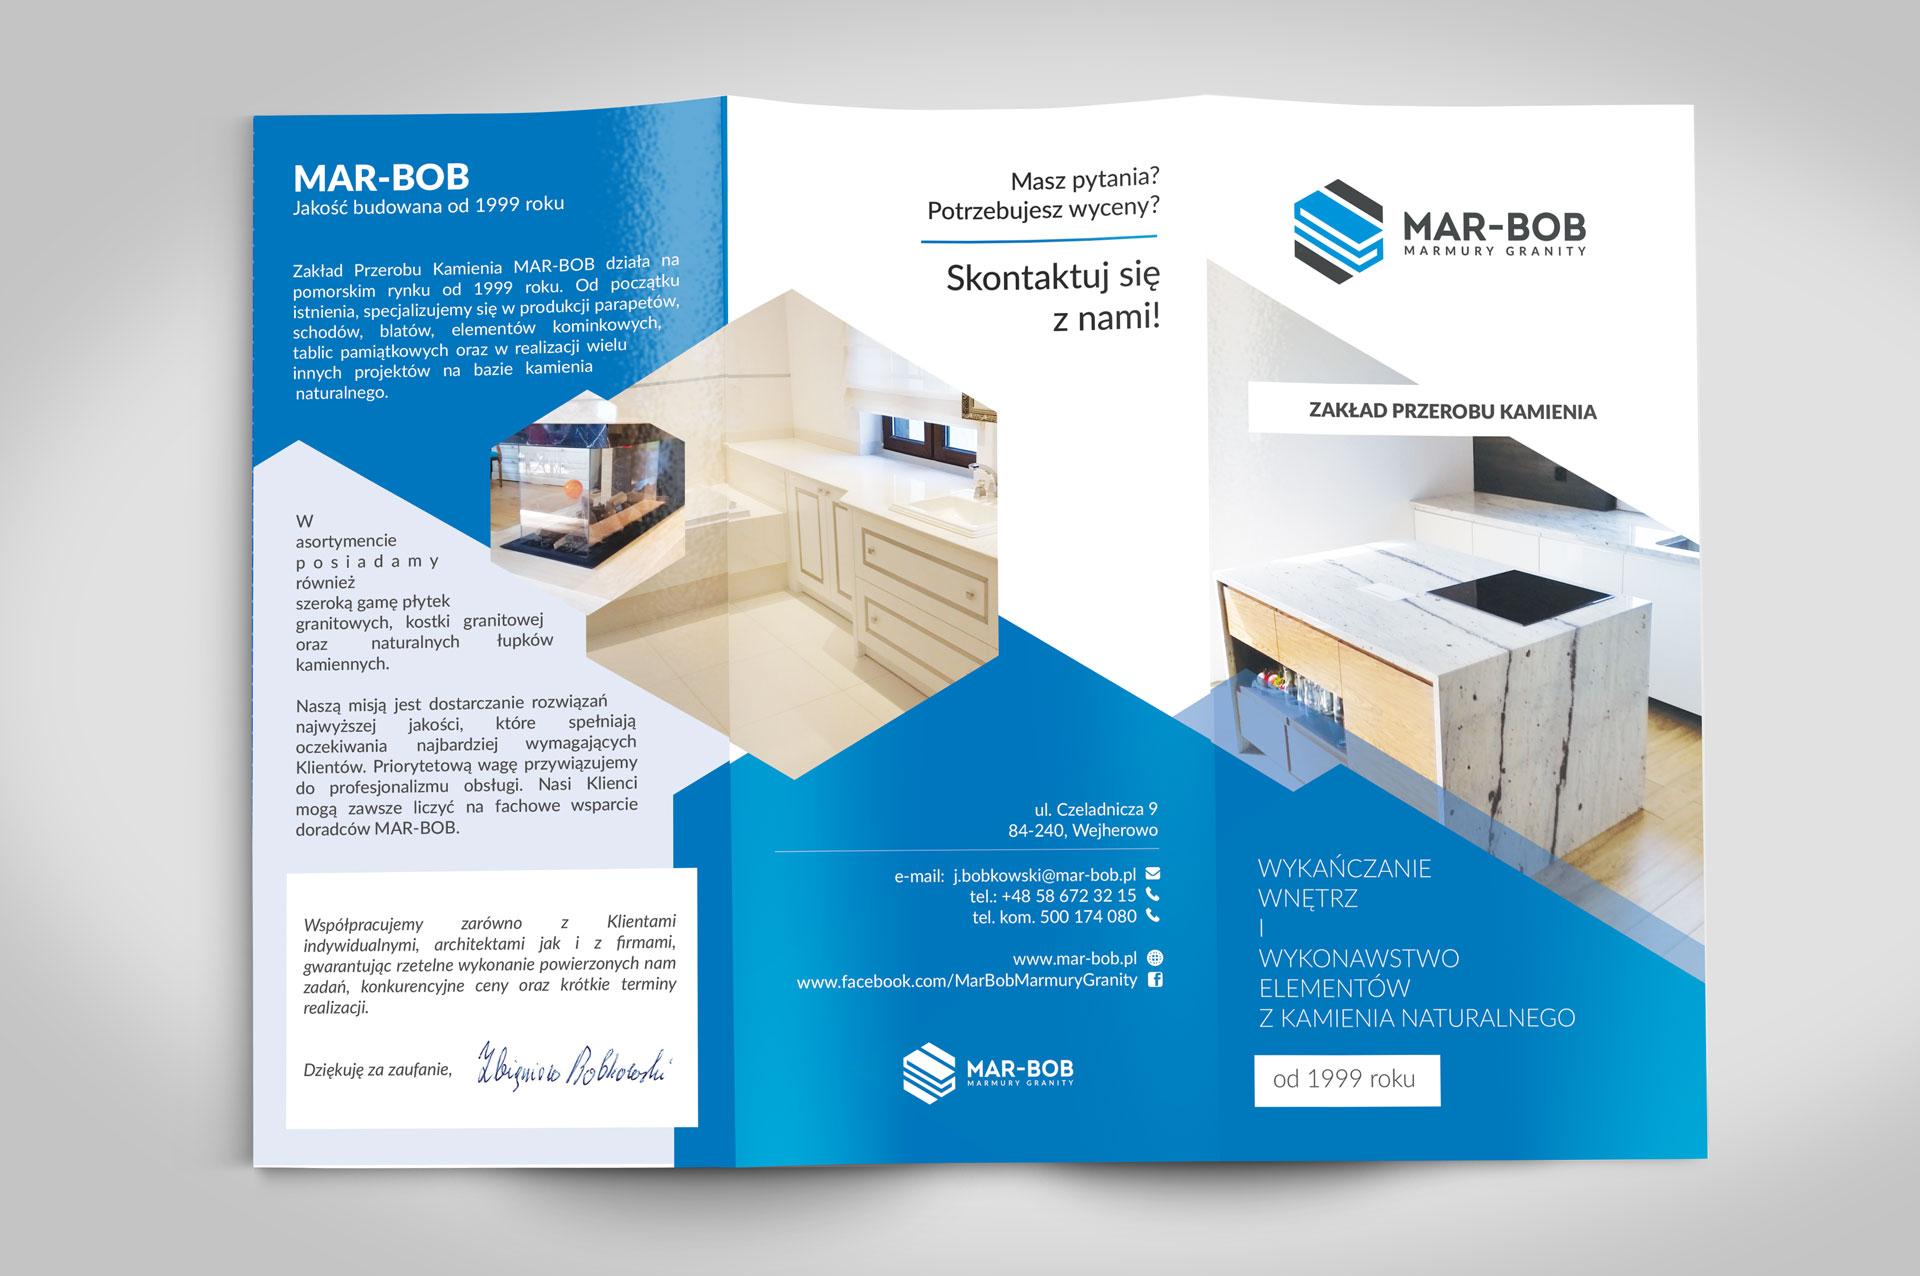 marbob-ulotka-reklamowa-broszura-1